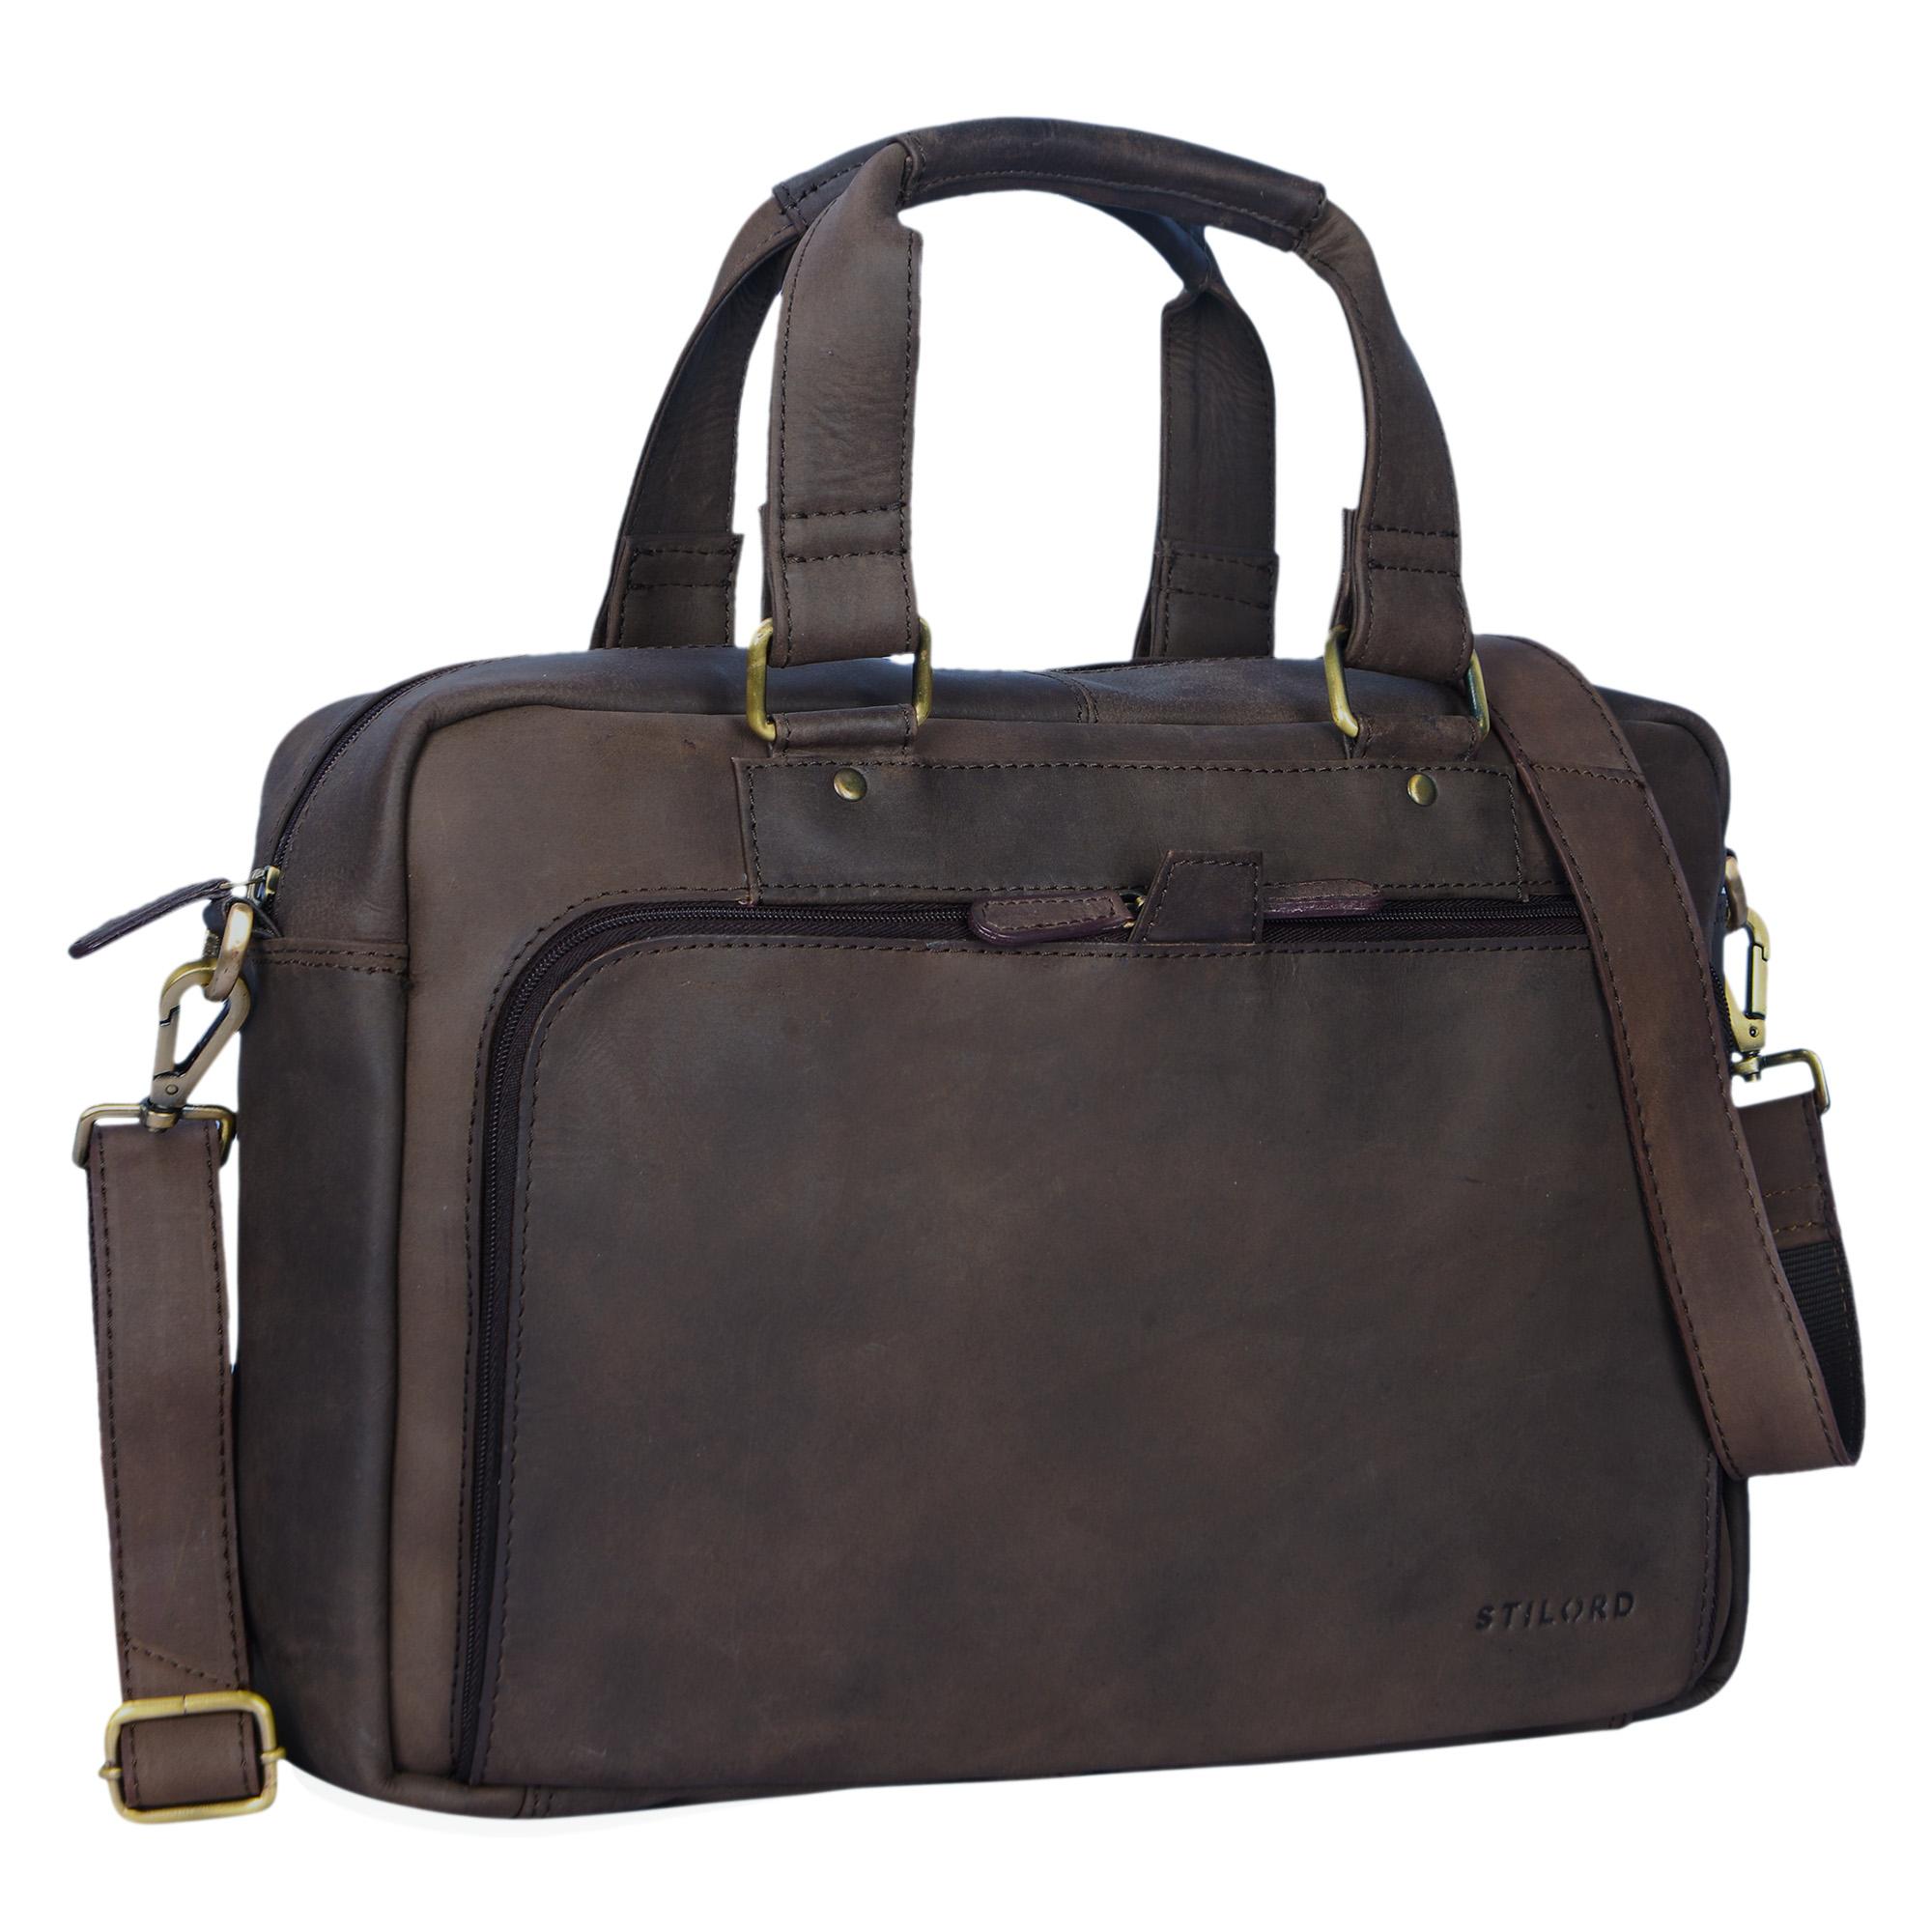 """STILORD """"Jon"""" Vintage Leder Umhängetasche Herren Damen Laptoptasche 15.6 Zoll für große DIN A4 Aktenordner Business Büro Arbeit Uni echtes Büffelleder - Bild 7"""